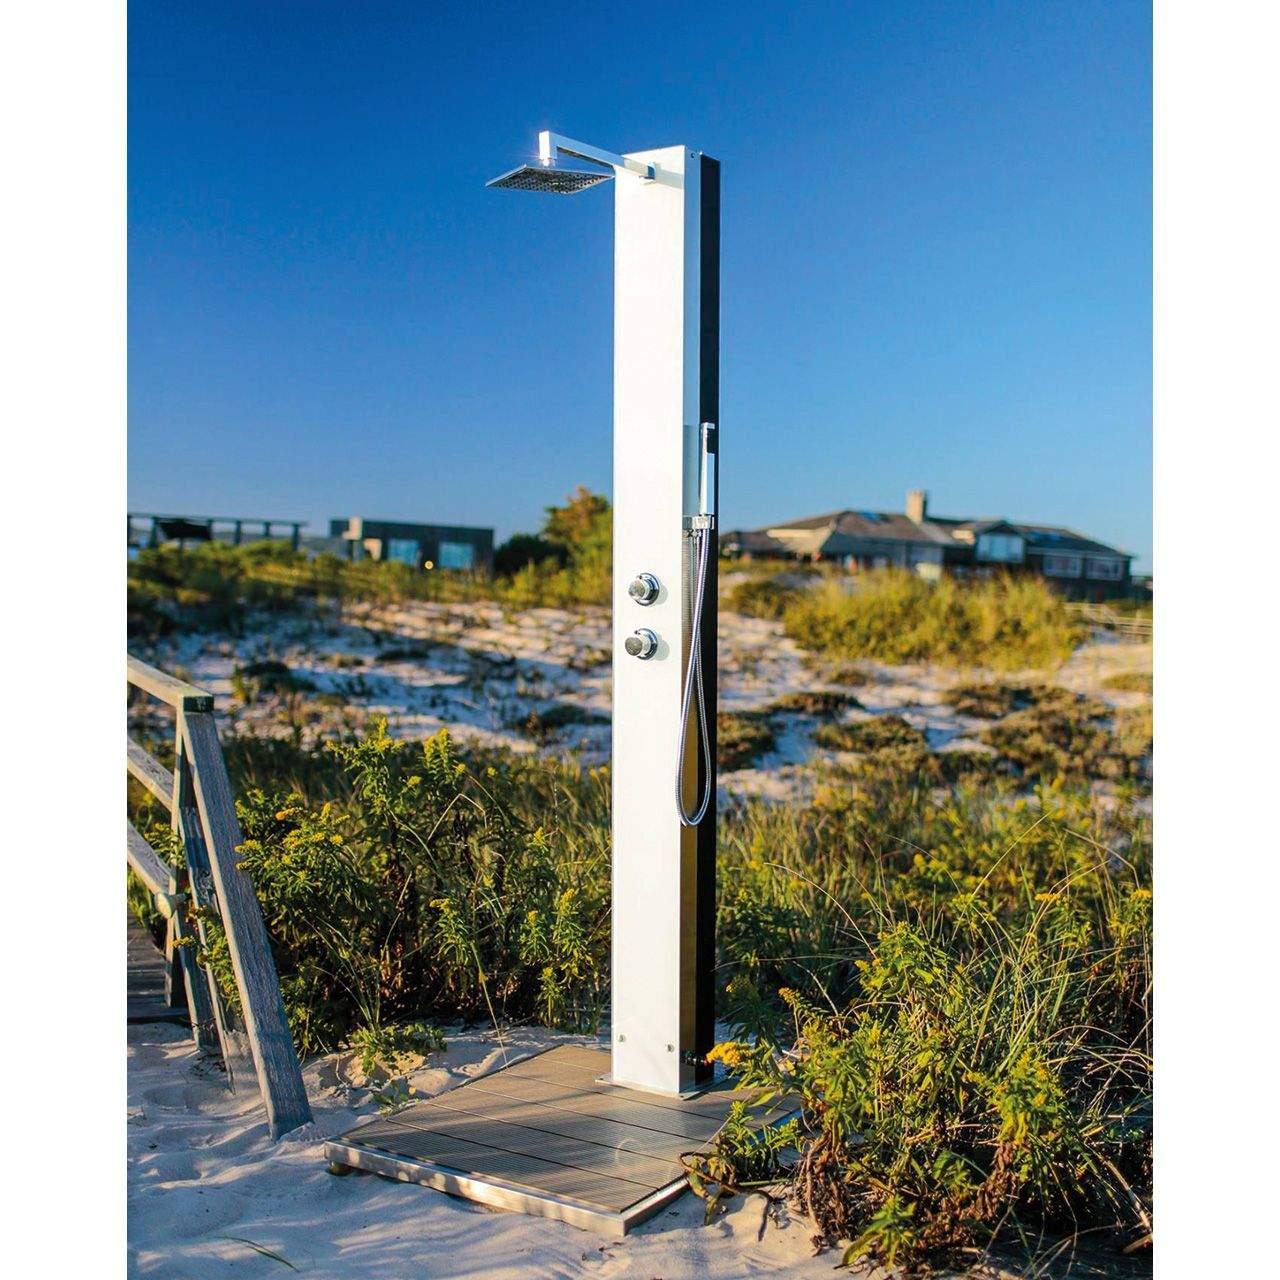 dusche modell 70 glas solar tobago weiss 1280x1280